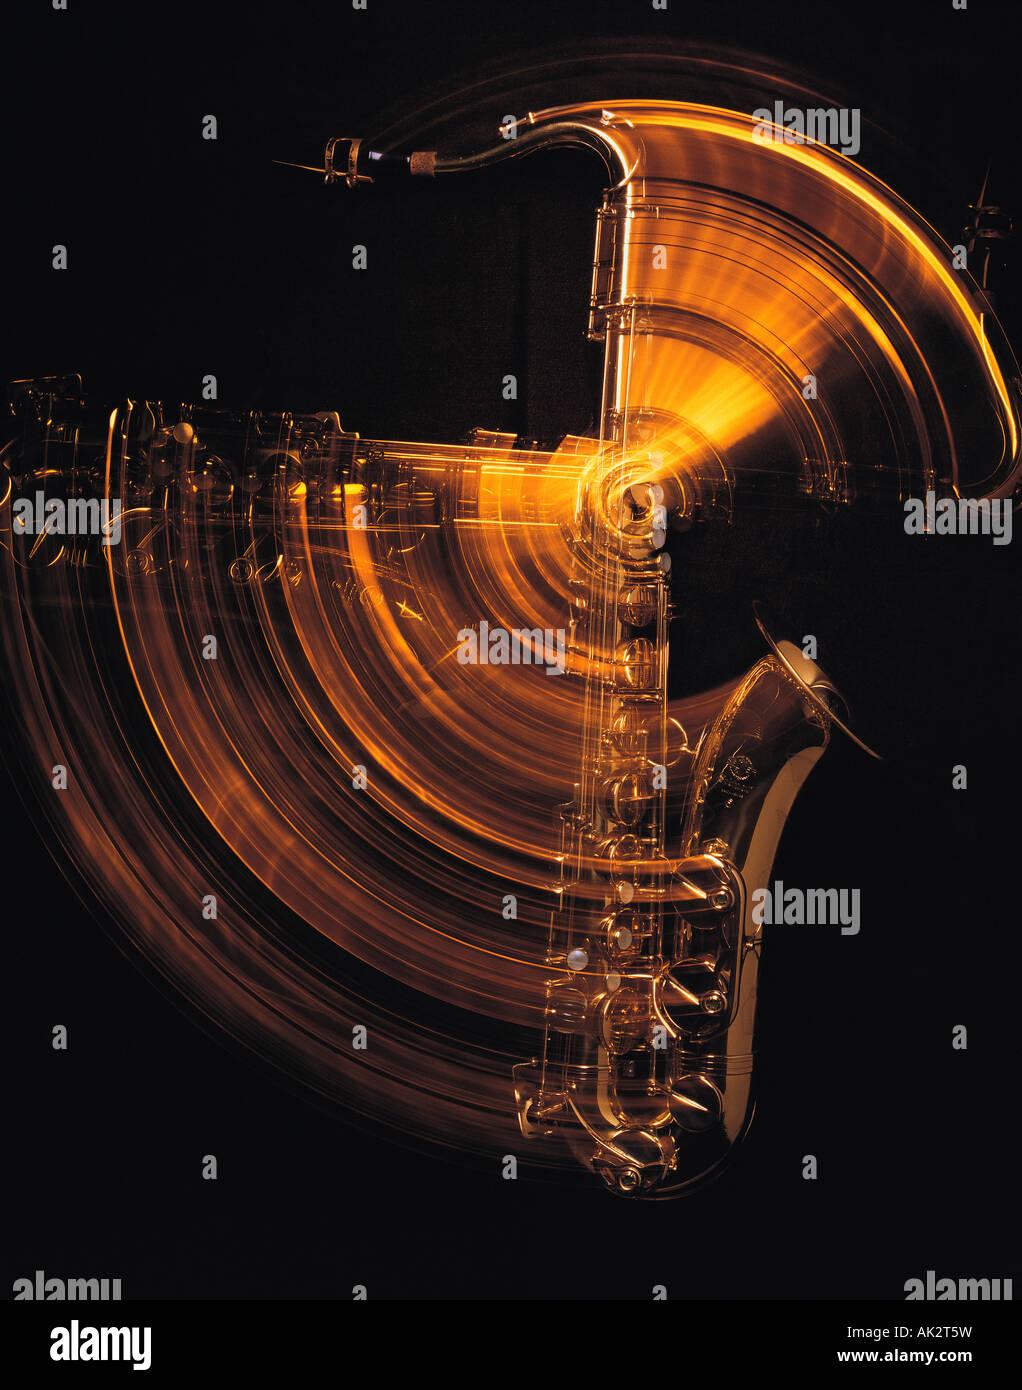 Still life. Instrumento musical. El saxofón. Imagen De Stock